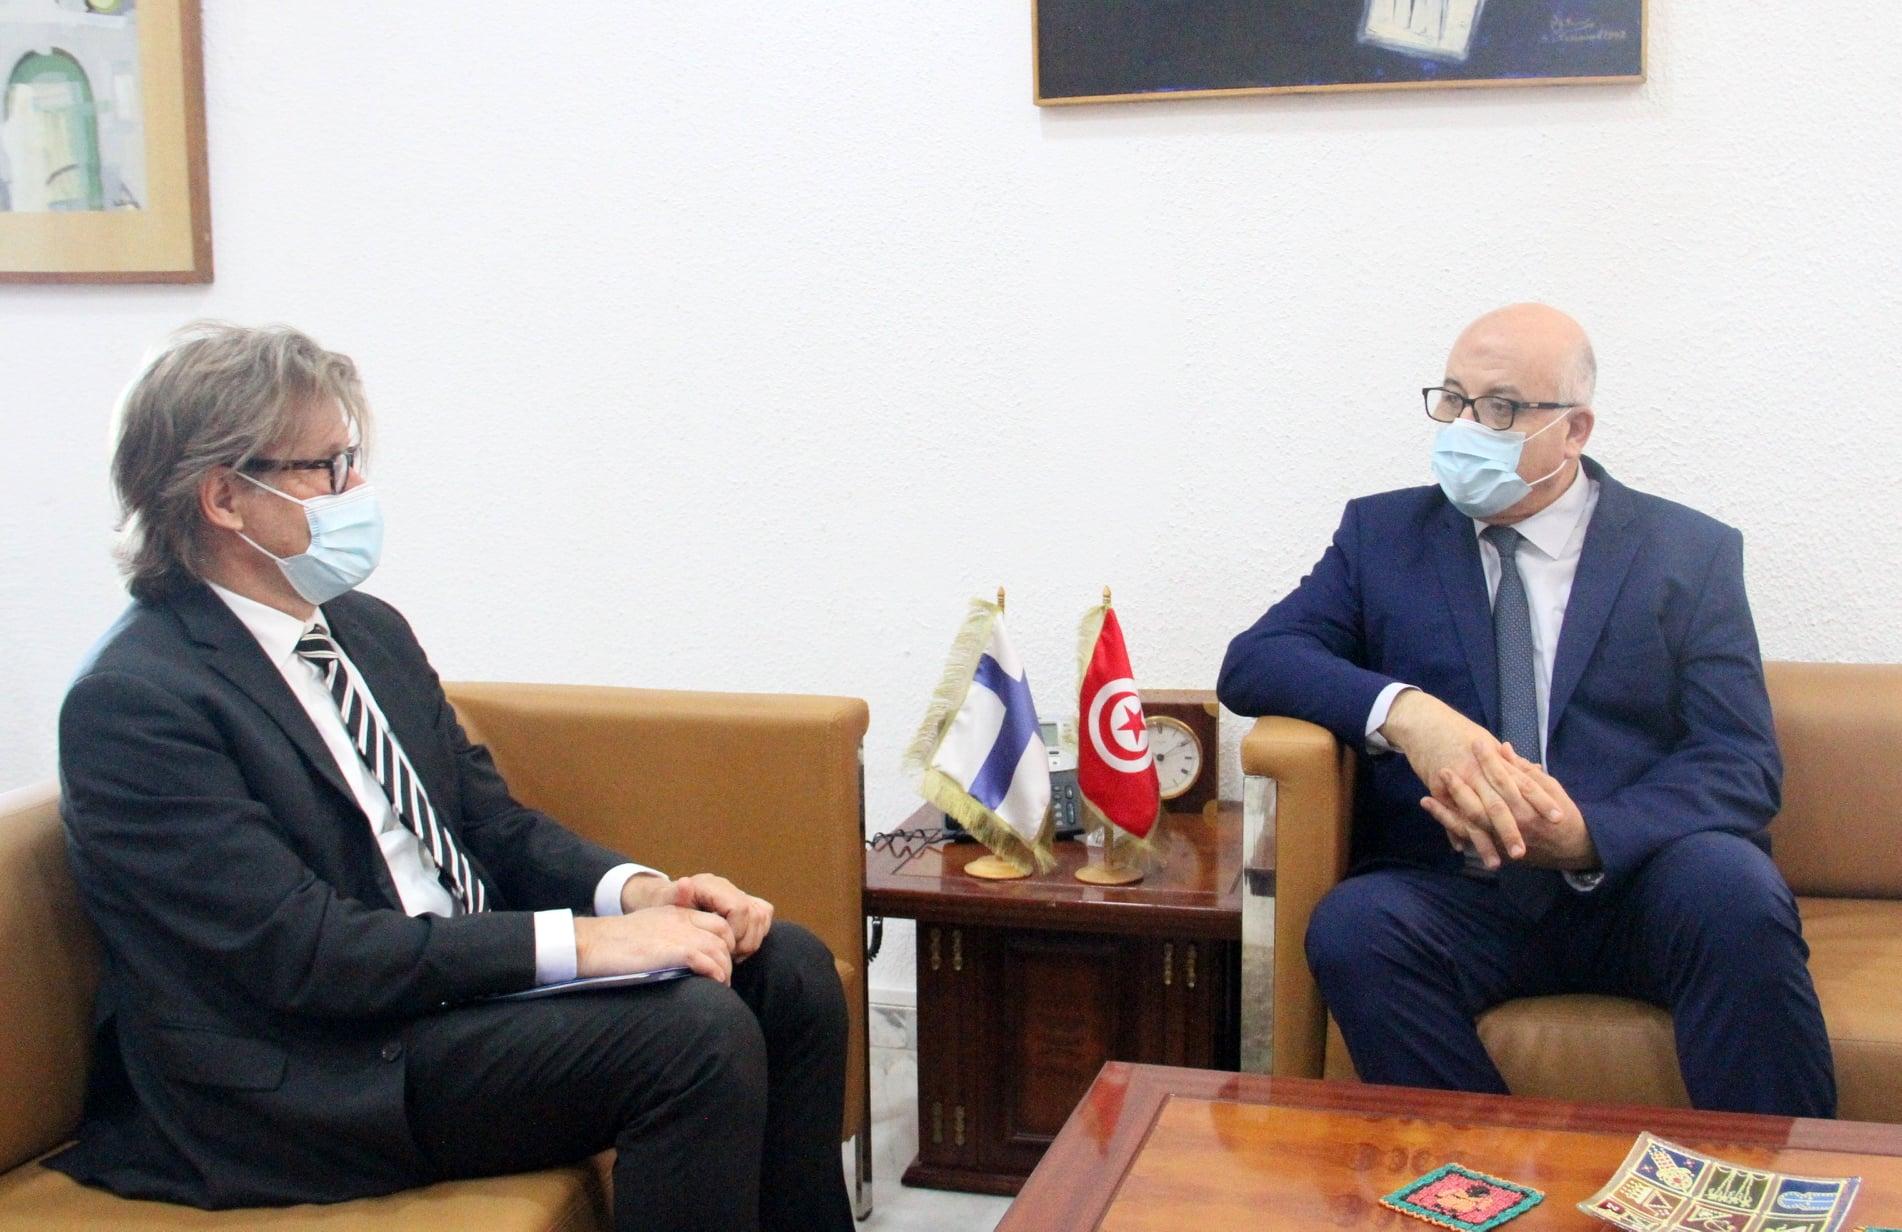 Tunisie: Renforcement de la coopération avec la Finlande dans le domaine sanitaire